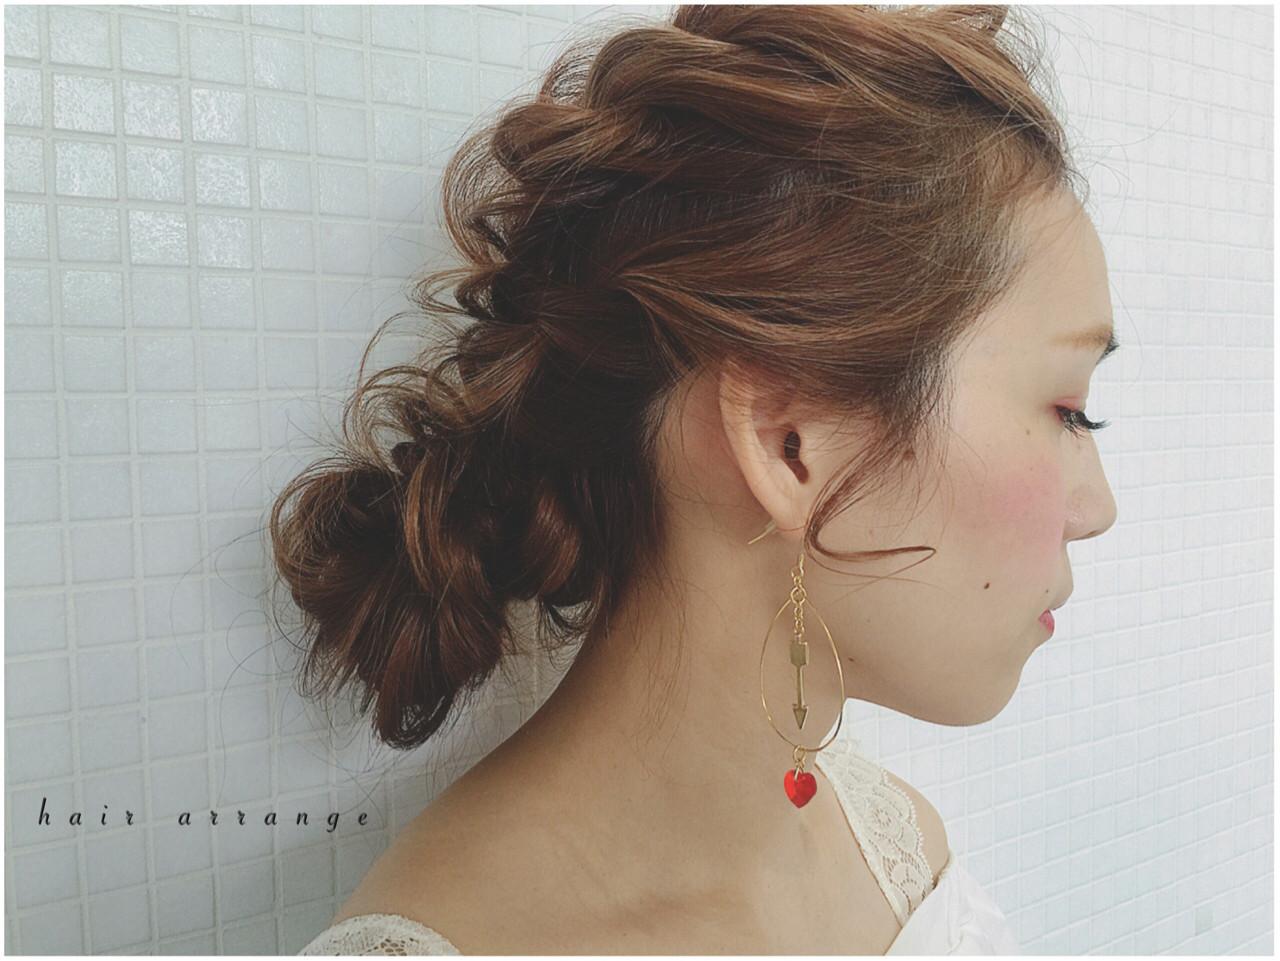 ヘアアレンジ 大人かわいい フェミニン 簡単ヘアアレンジ ヘアスタイルや髪型の写真・画像